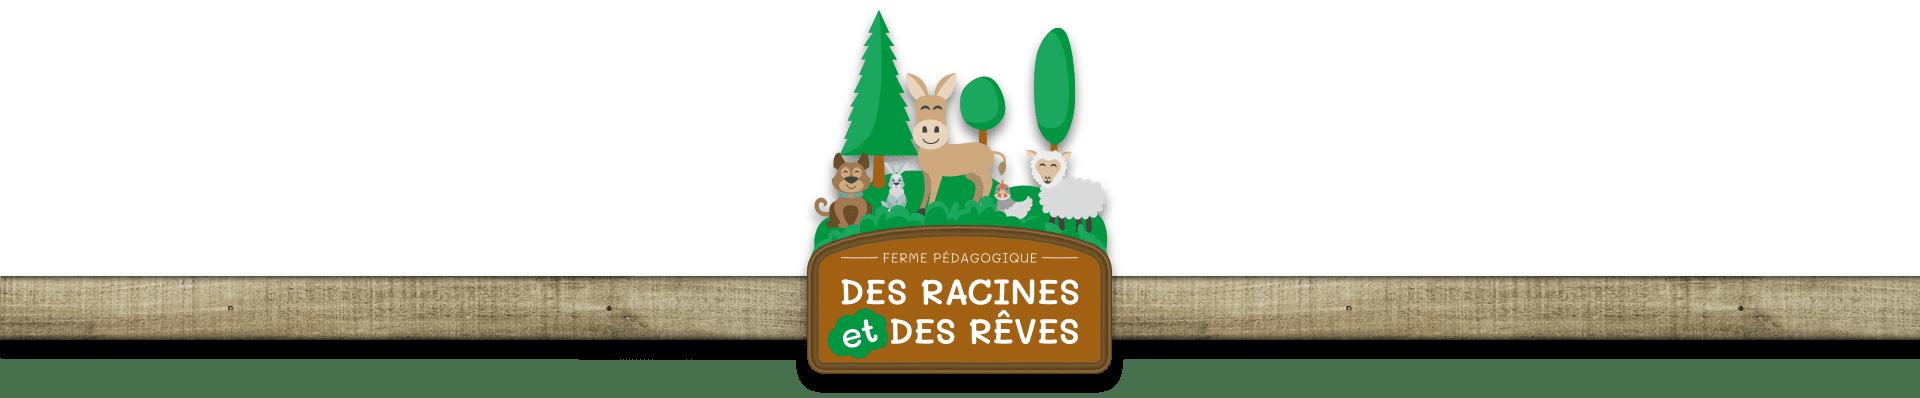 Ferme pédagogique Des racines et des rêves en Loire-Atlantique